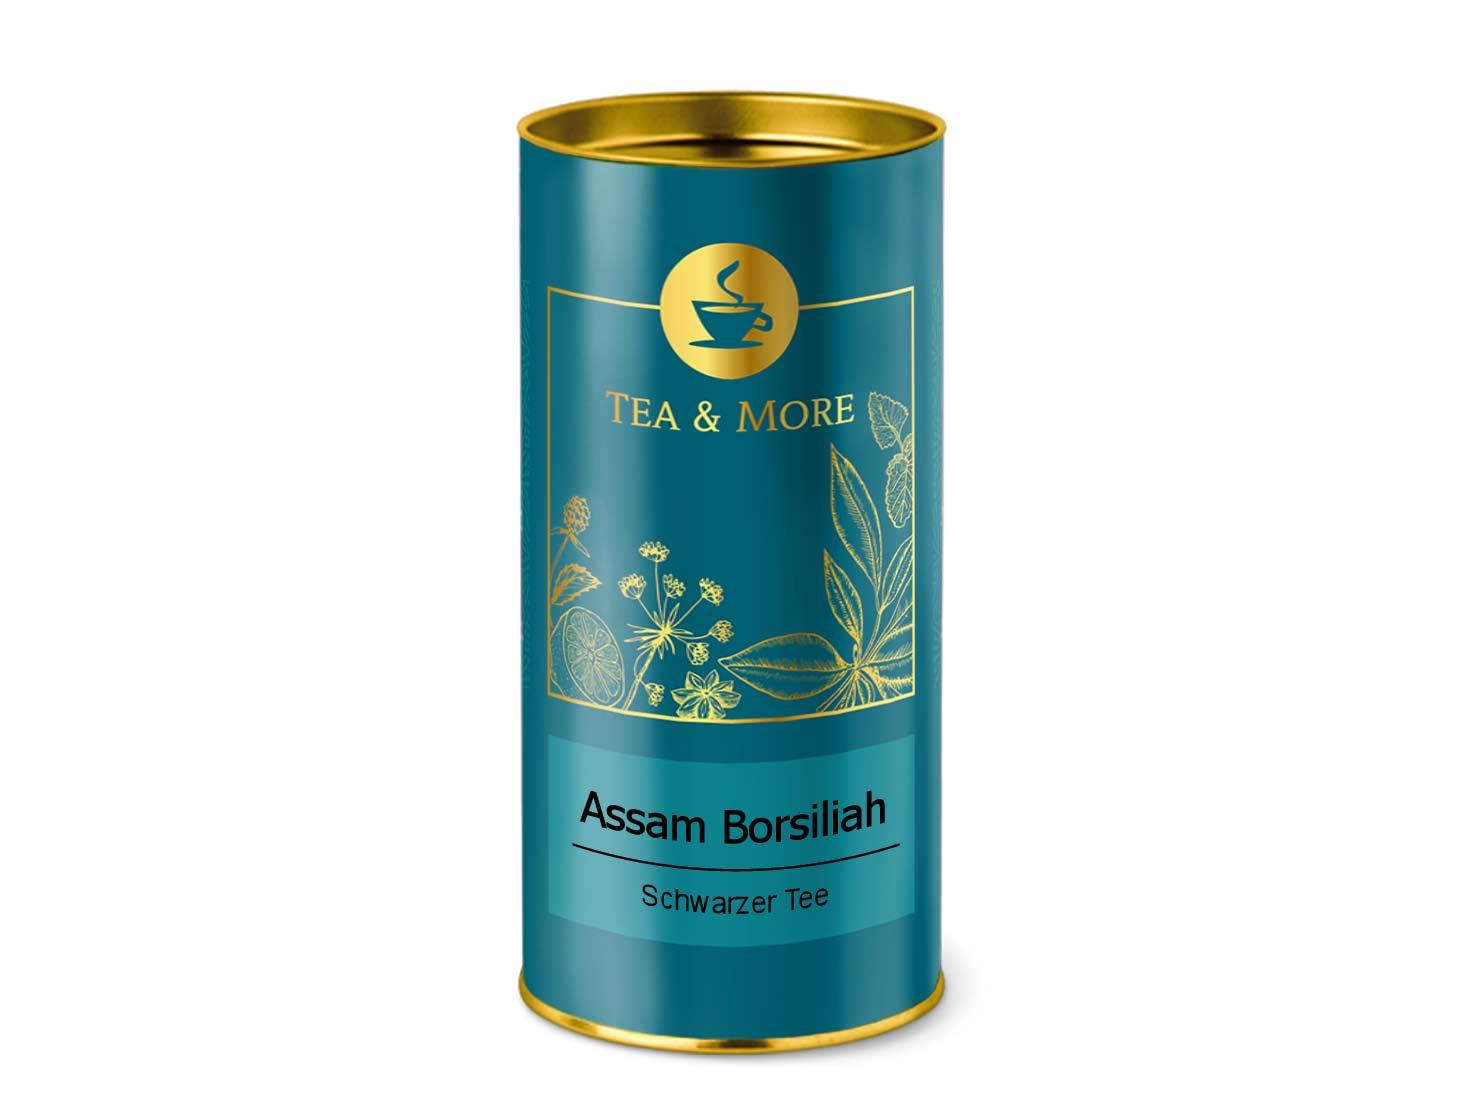 Assam Borsiliah